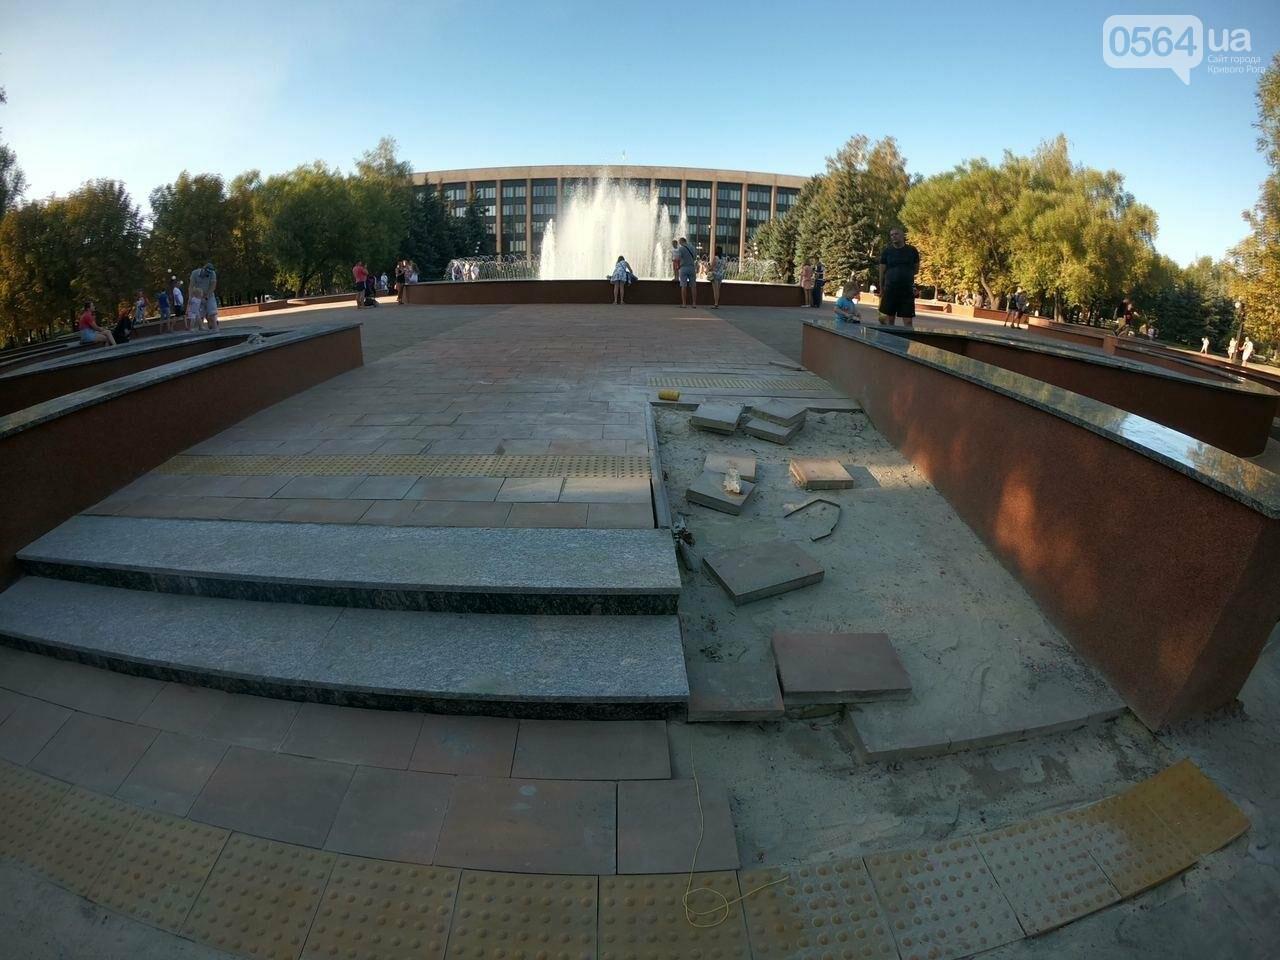 В Кривом Роге включили фонтан перед мэрией, - ФОТО, ВИДЕО , фото-26